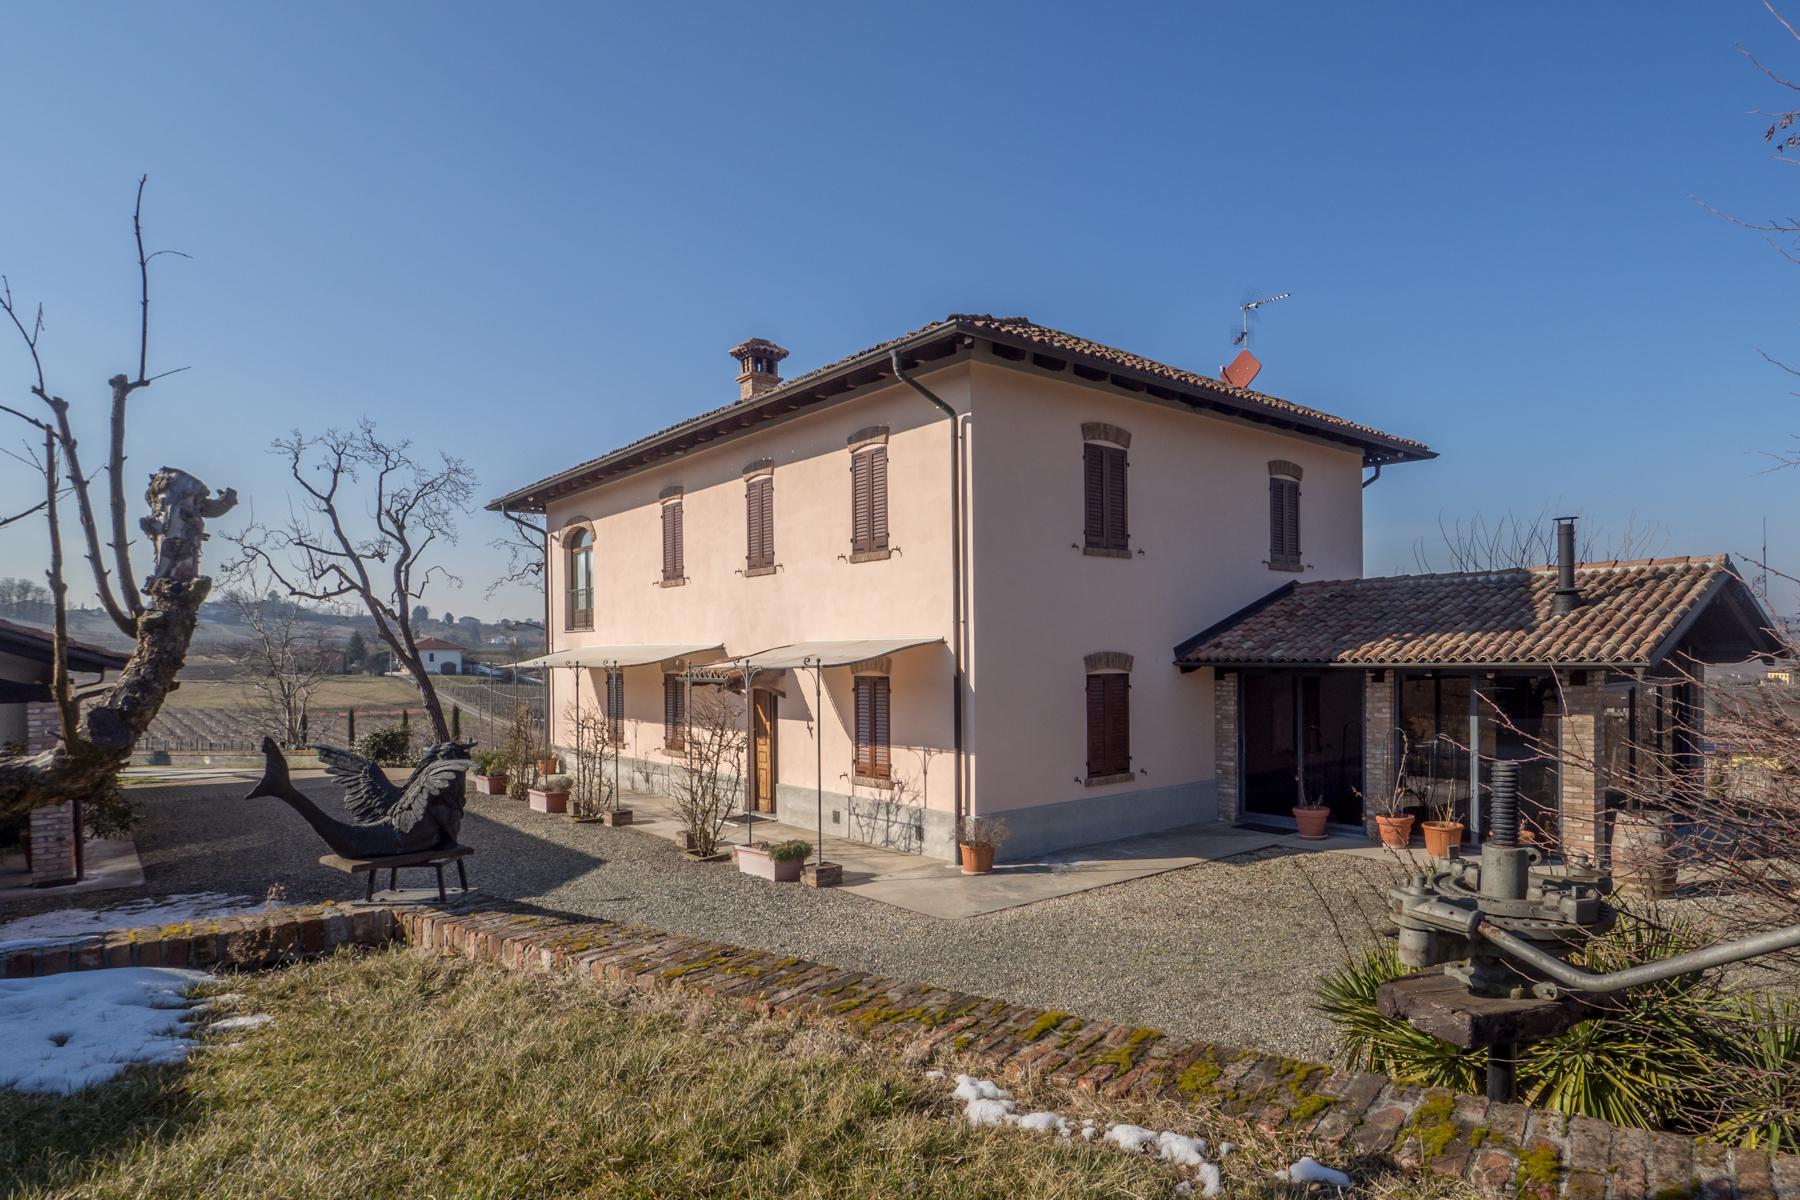 Villa in Vendita a Nizza Monferrato: 5 locali, 400 mq